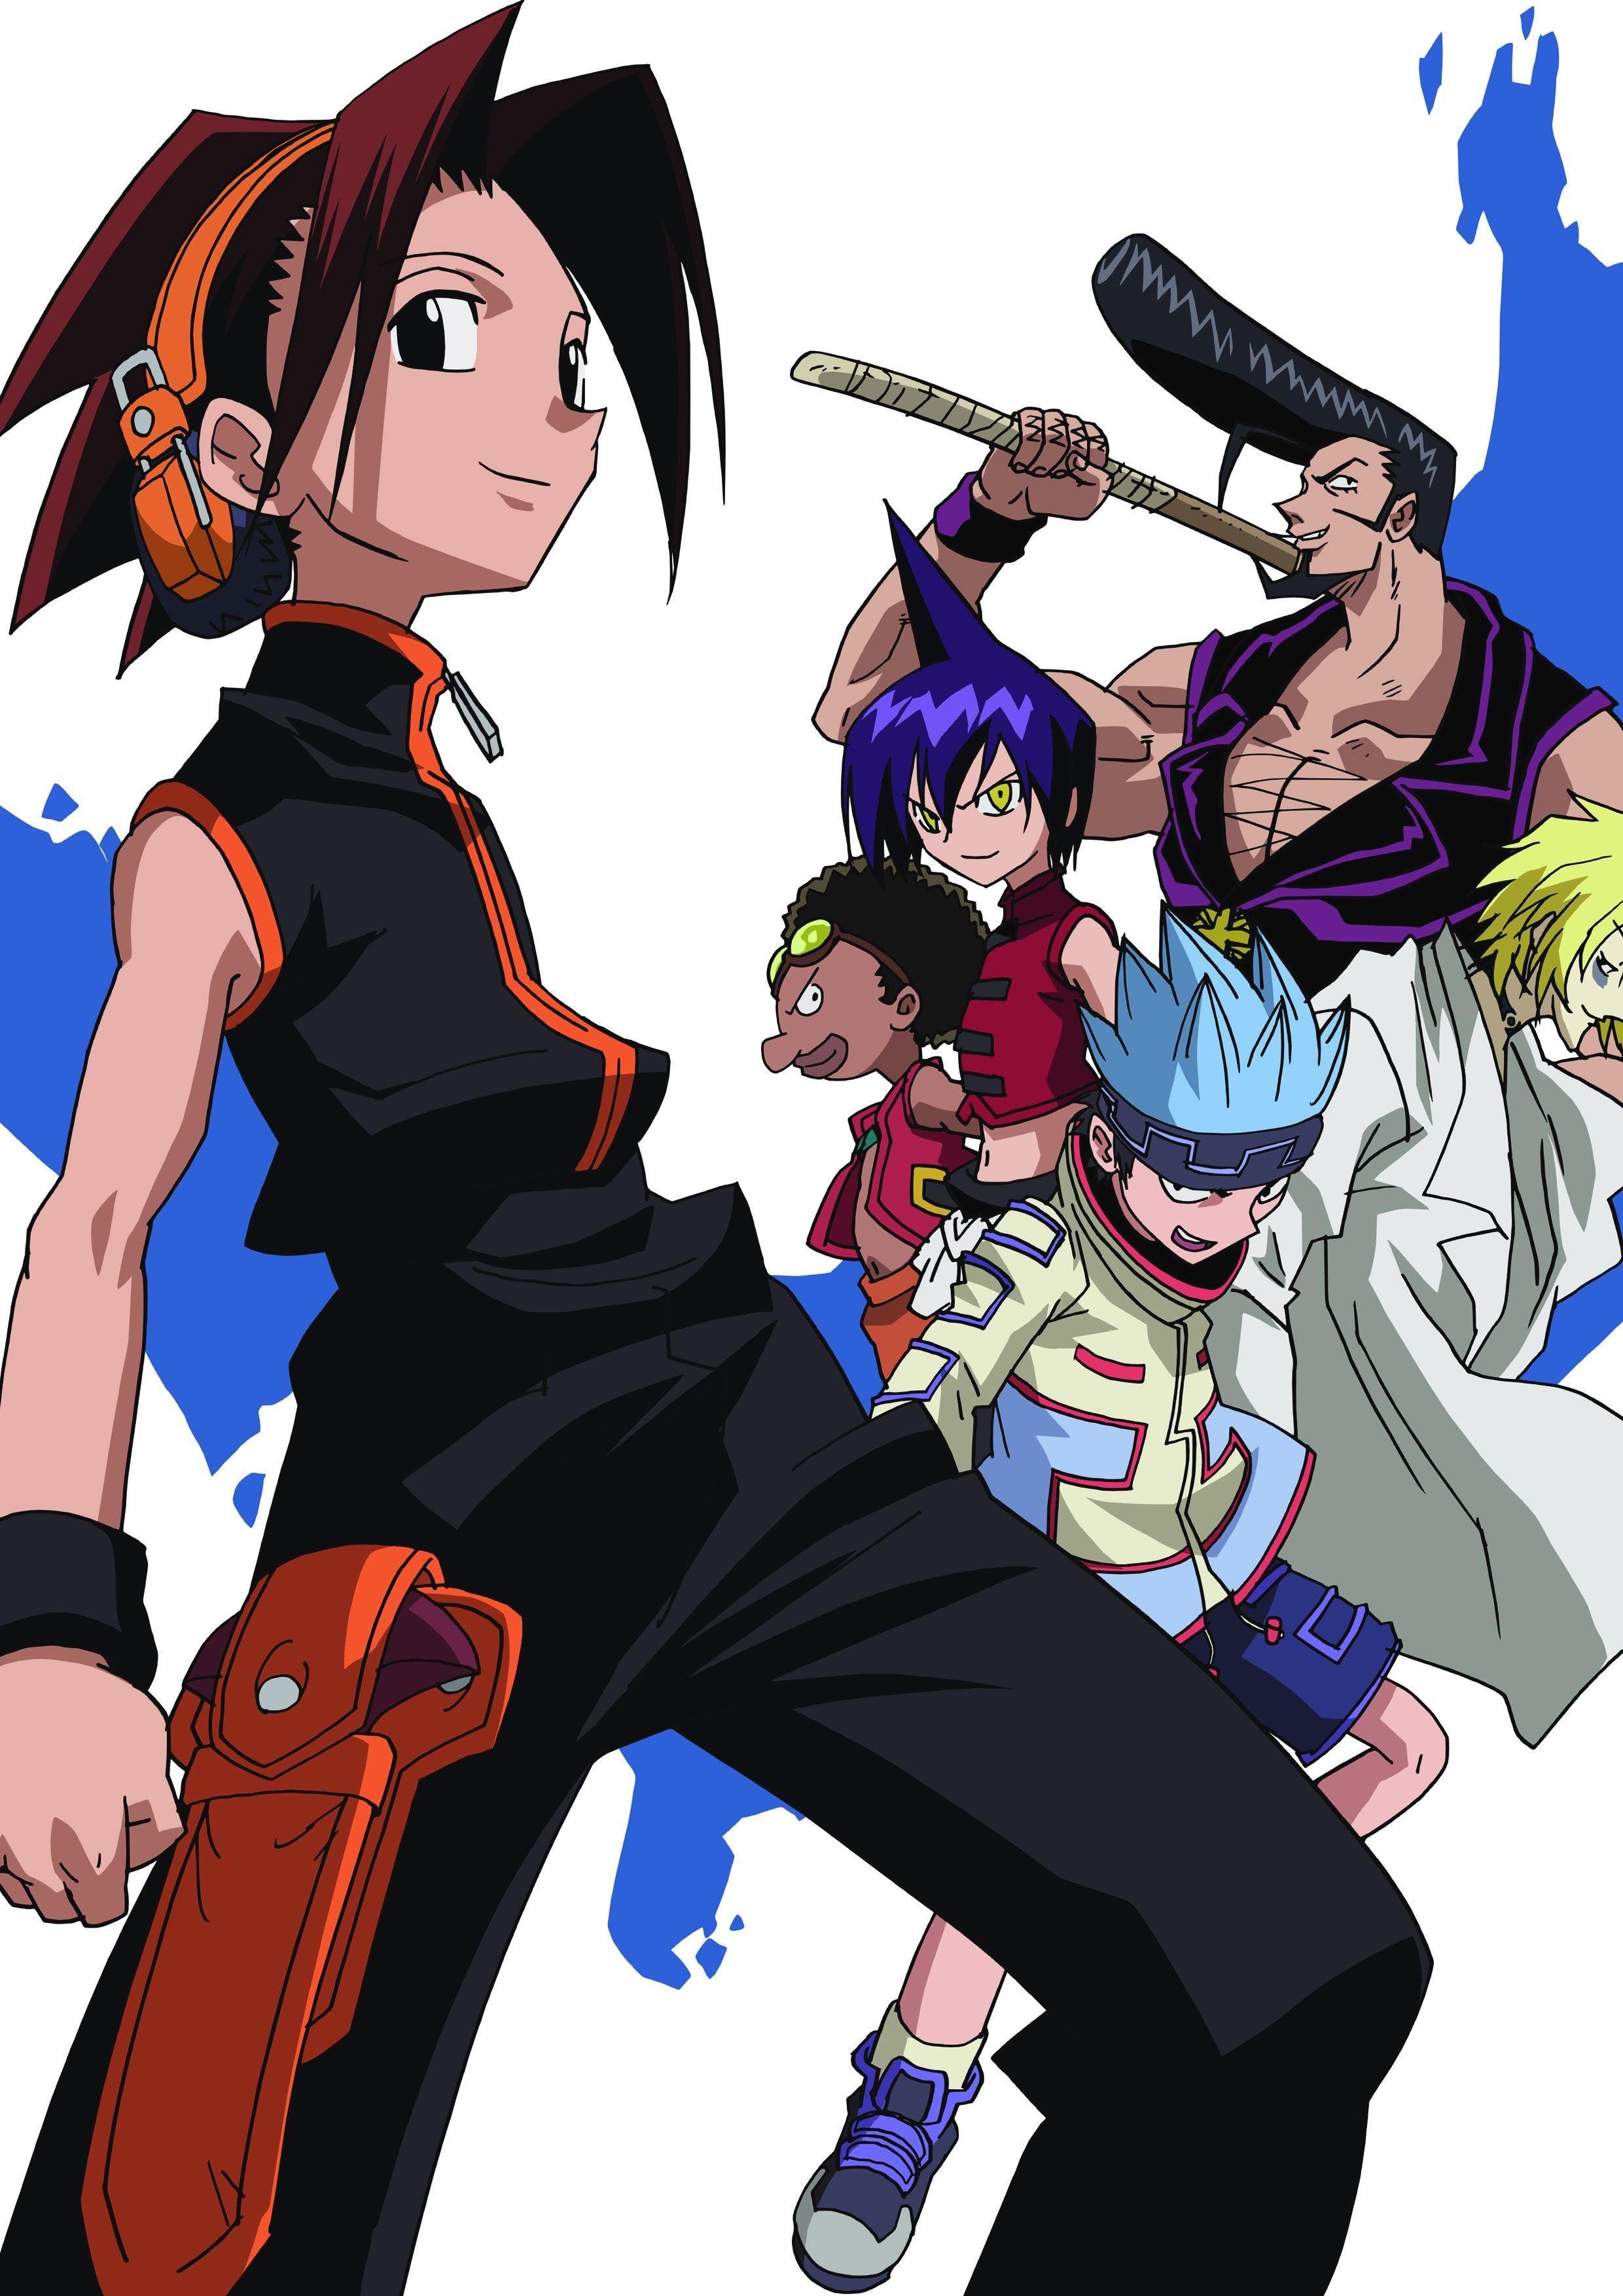 Shaman King Anime, Desenhos, Imagens engraçadas